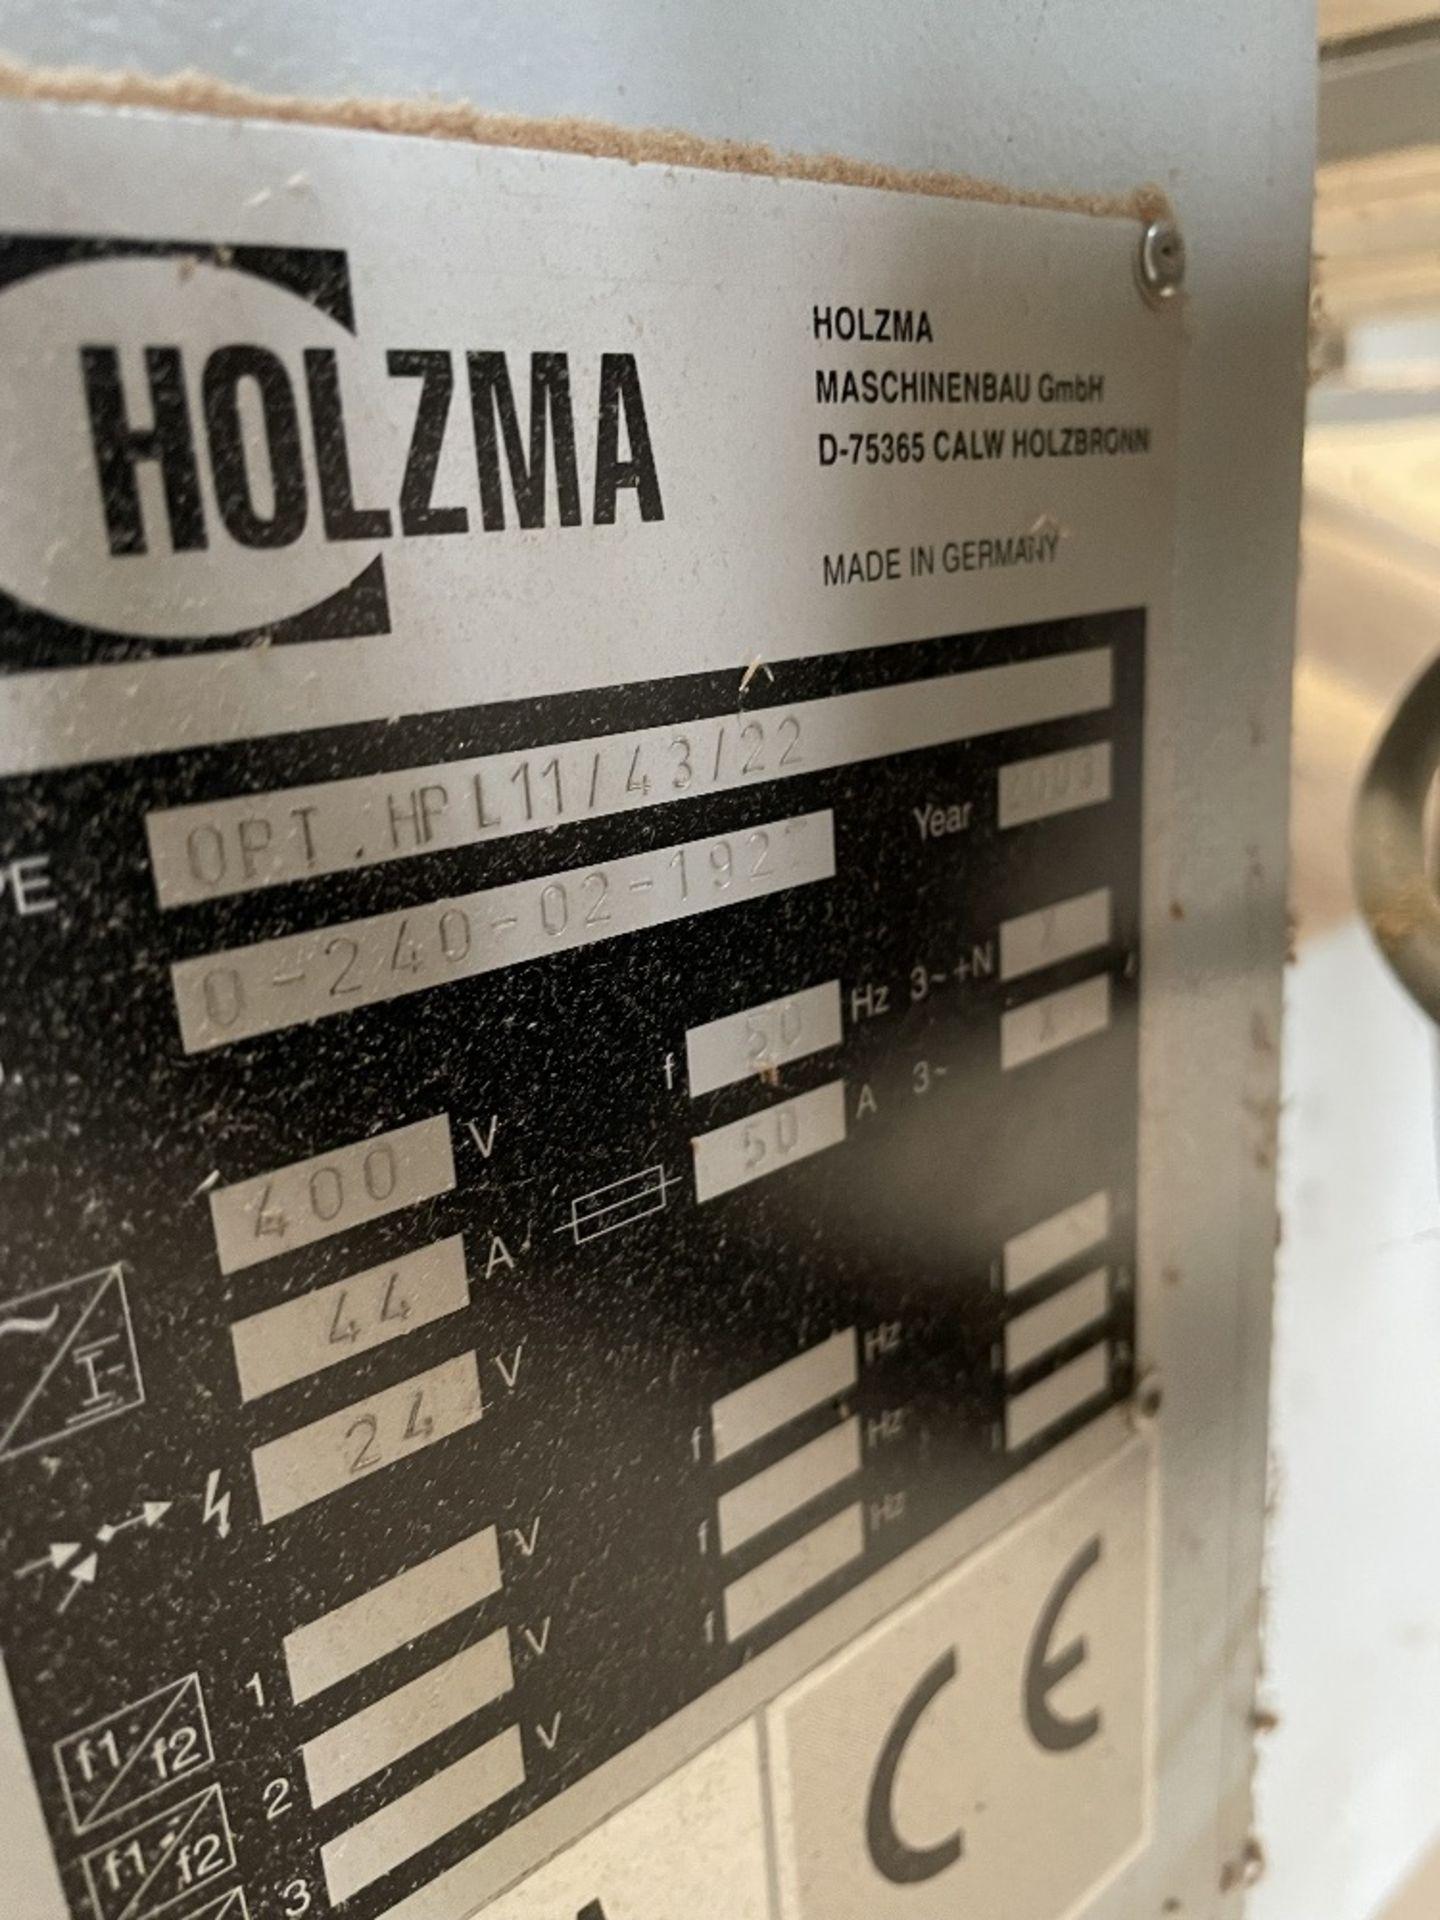 Holzma Optimat HPL 11 Beam Saw | YOM: 2003 - Image 6 of 11